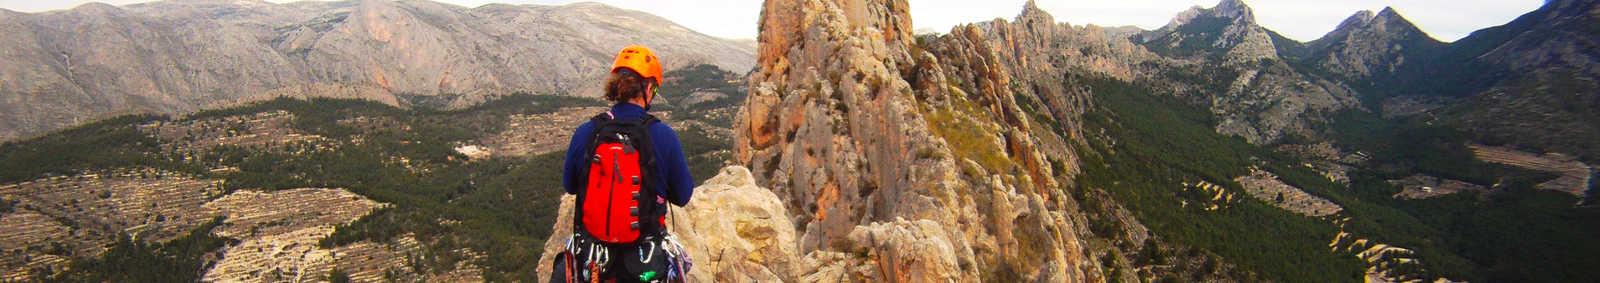 Bernia Ridge - Roped-up ridge scramble